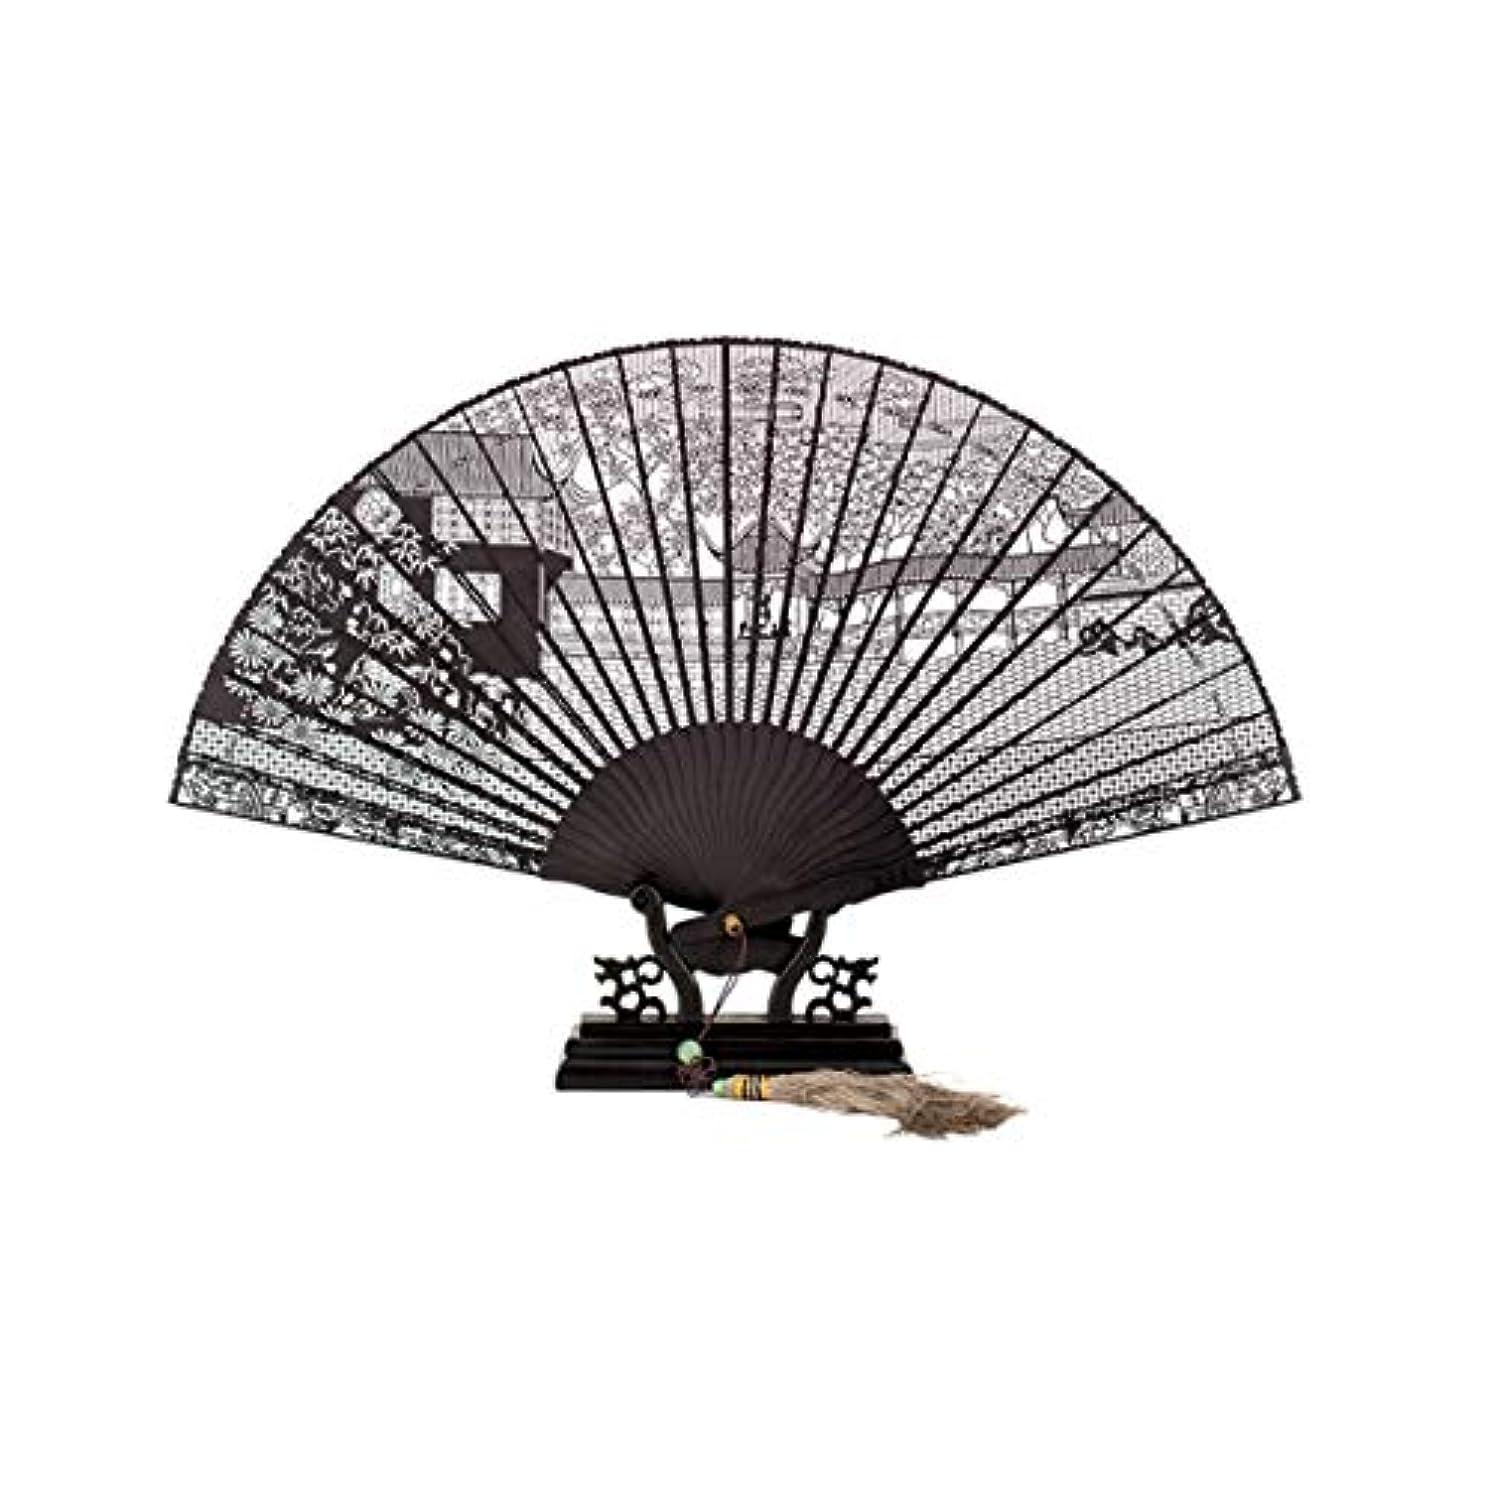 隔離するプレゼンター放散するKATH 扇子、中国のスタイルのギフトクラフトファン